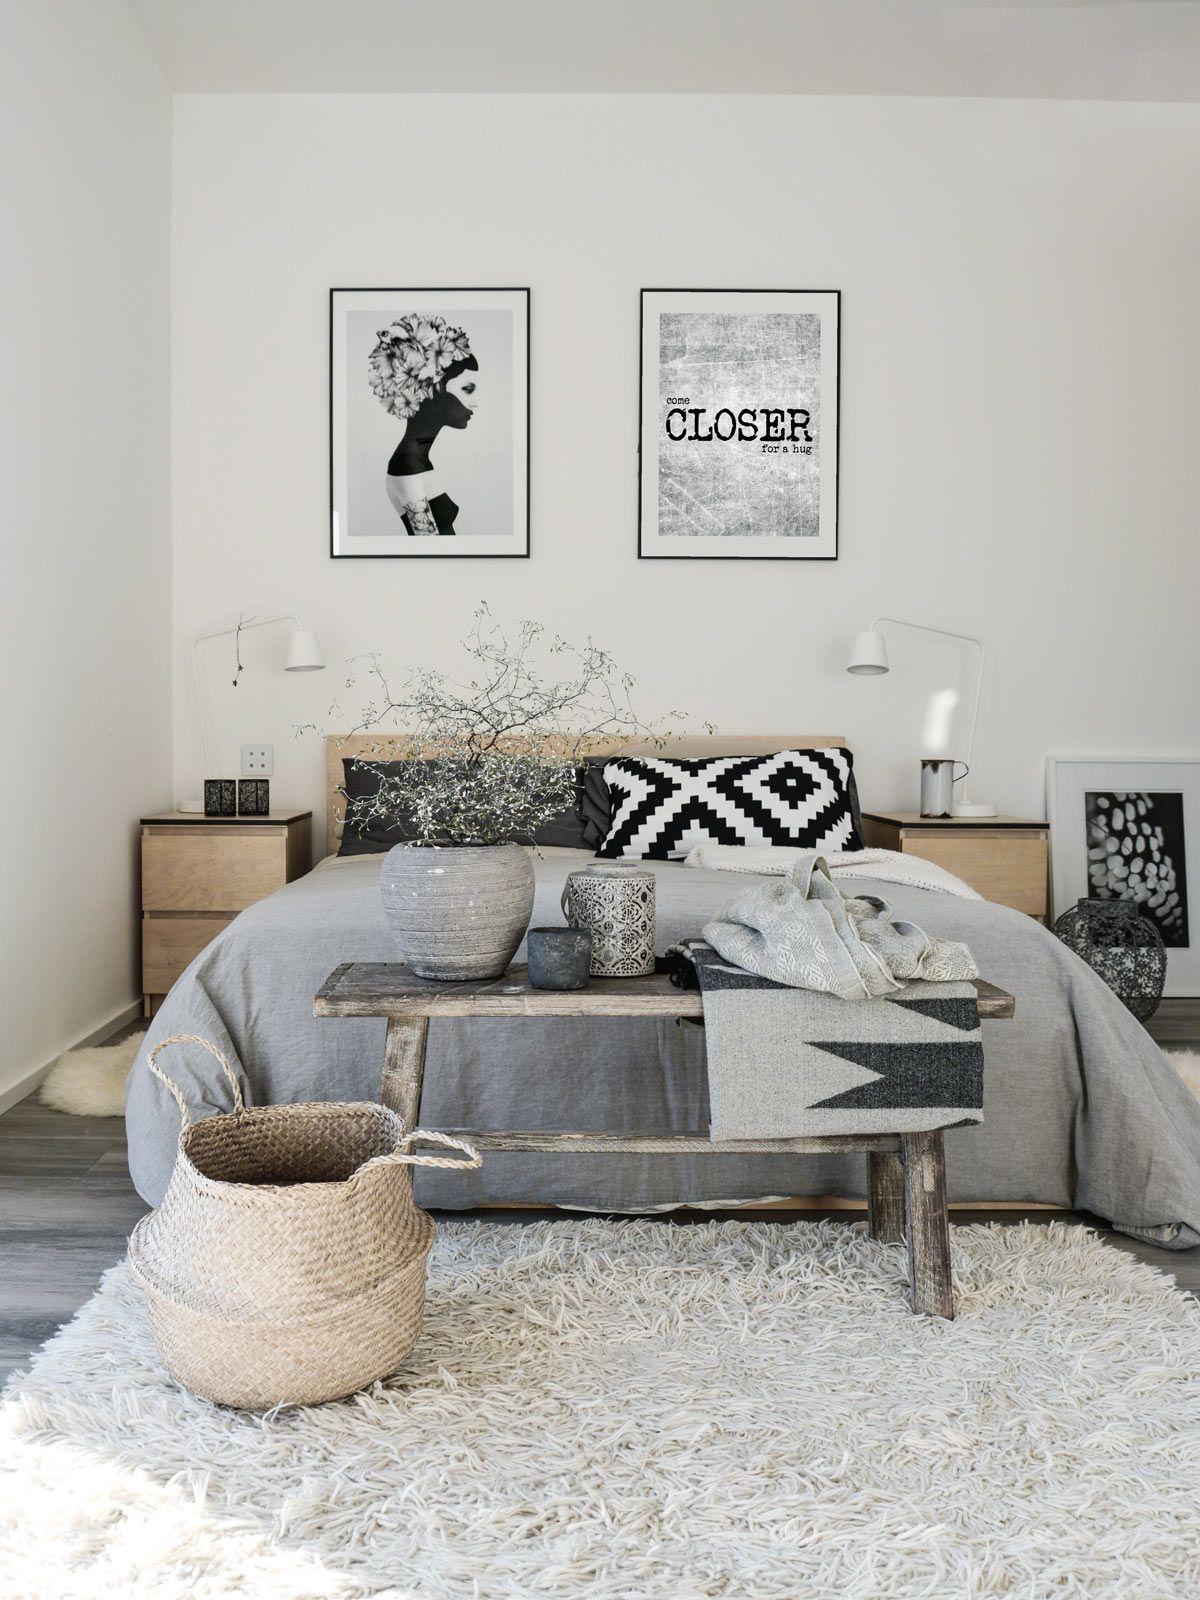 Slaapkamer inspiratie van Tanja  Interieur inrichting